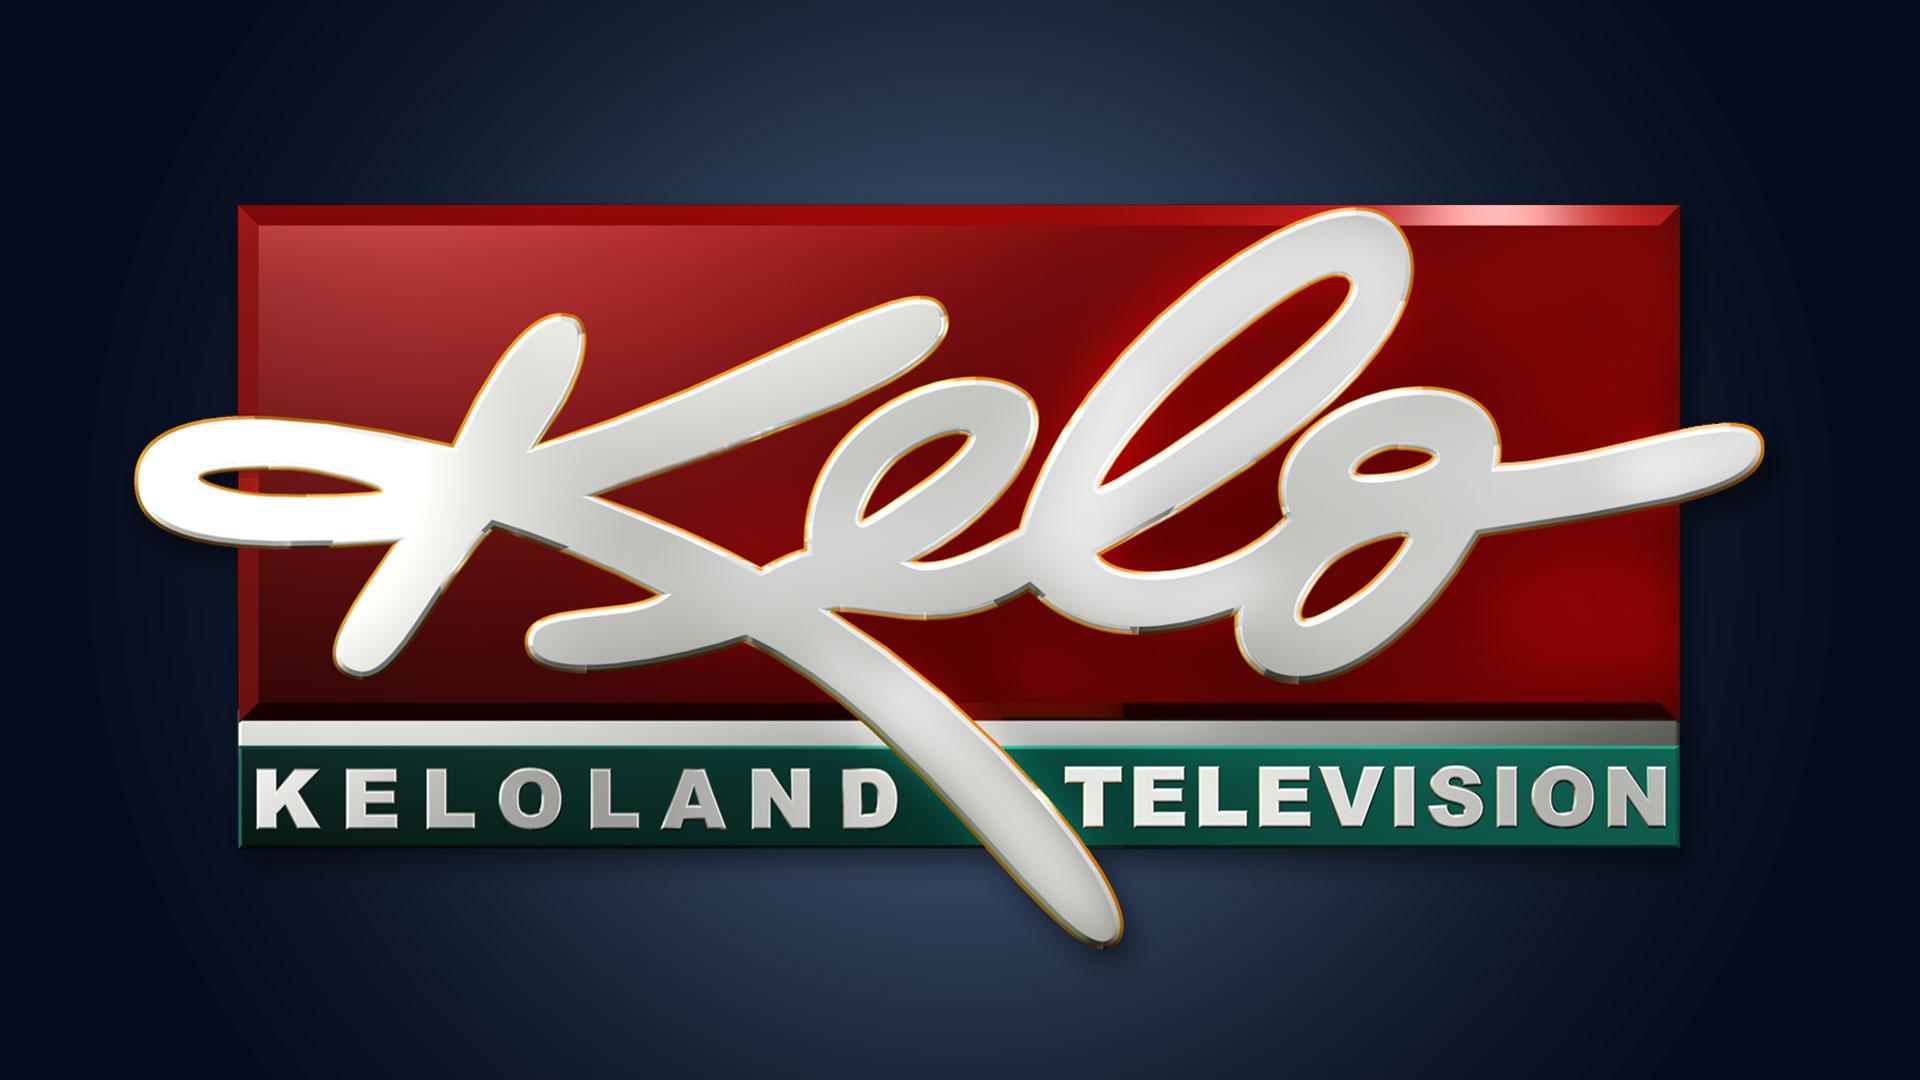 keloland tv dominates february 2016 ratings